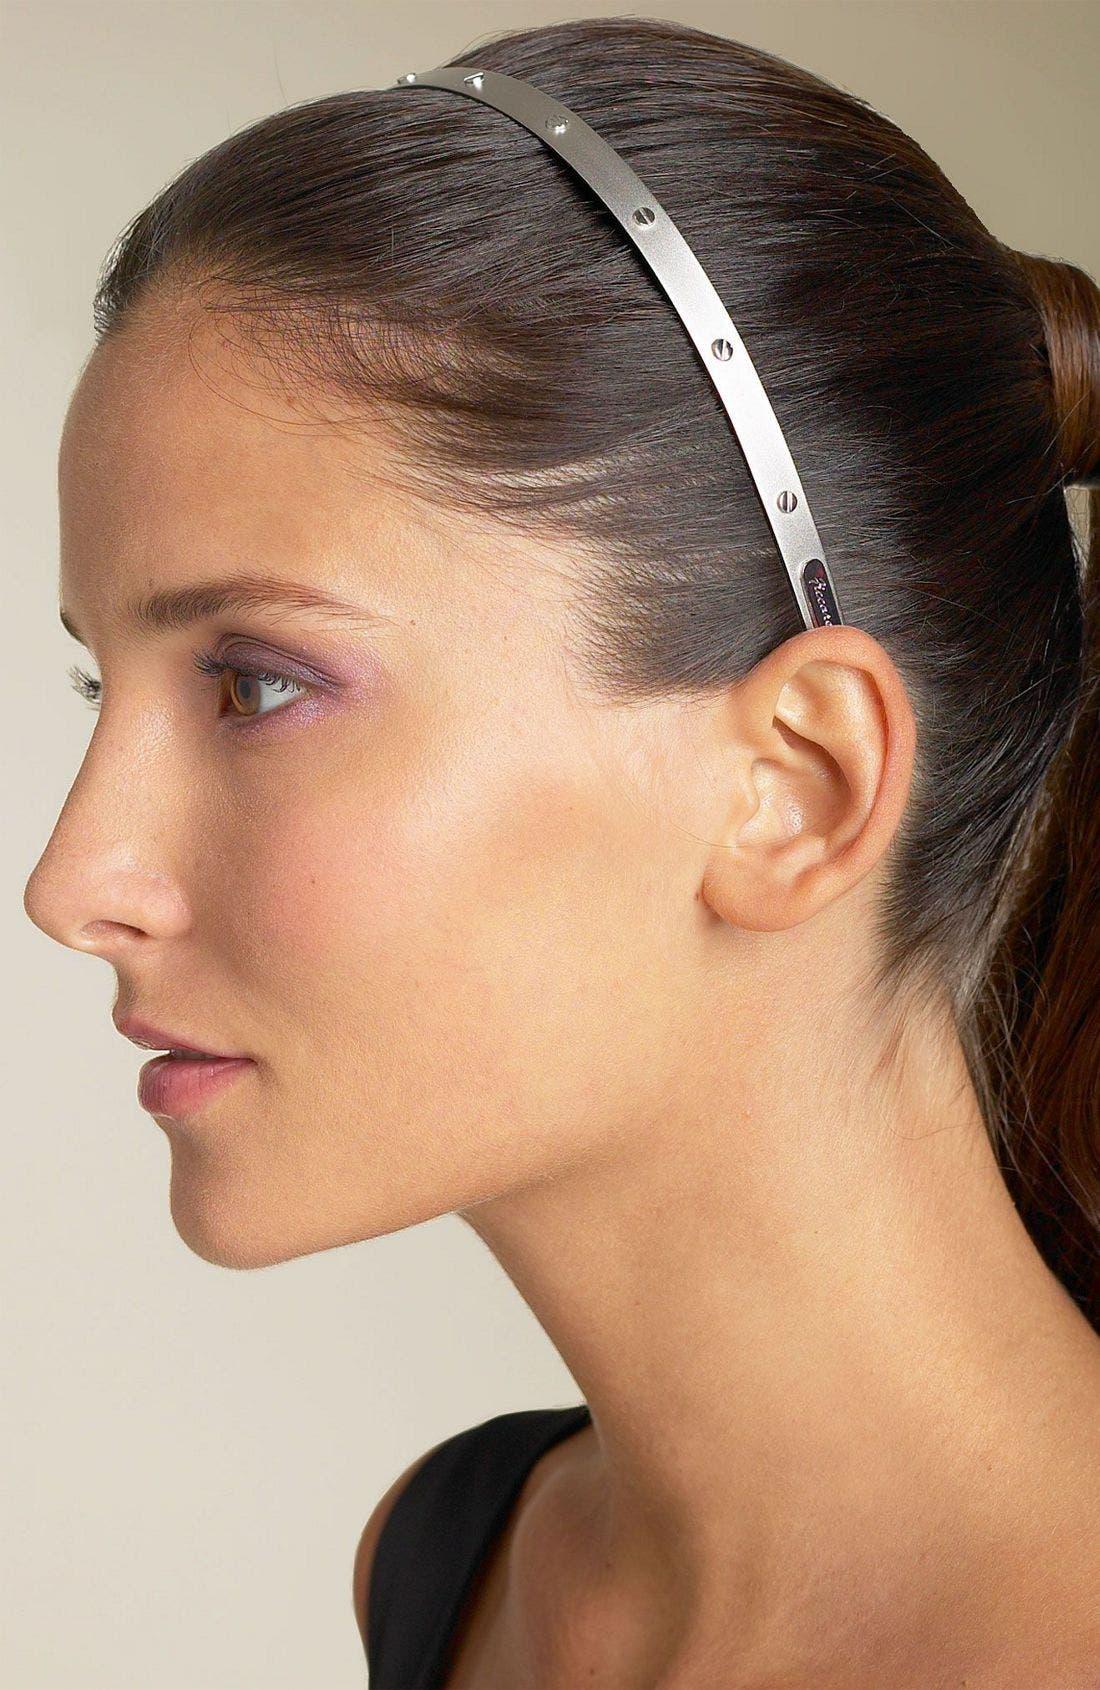 Alternate Image 1 Selected - Ficcare Studded Metal Headband